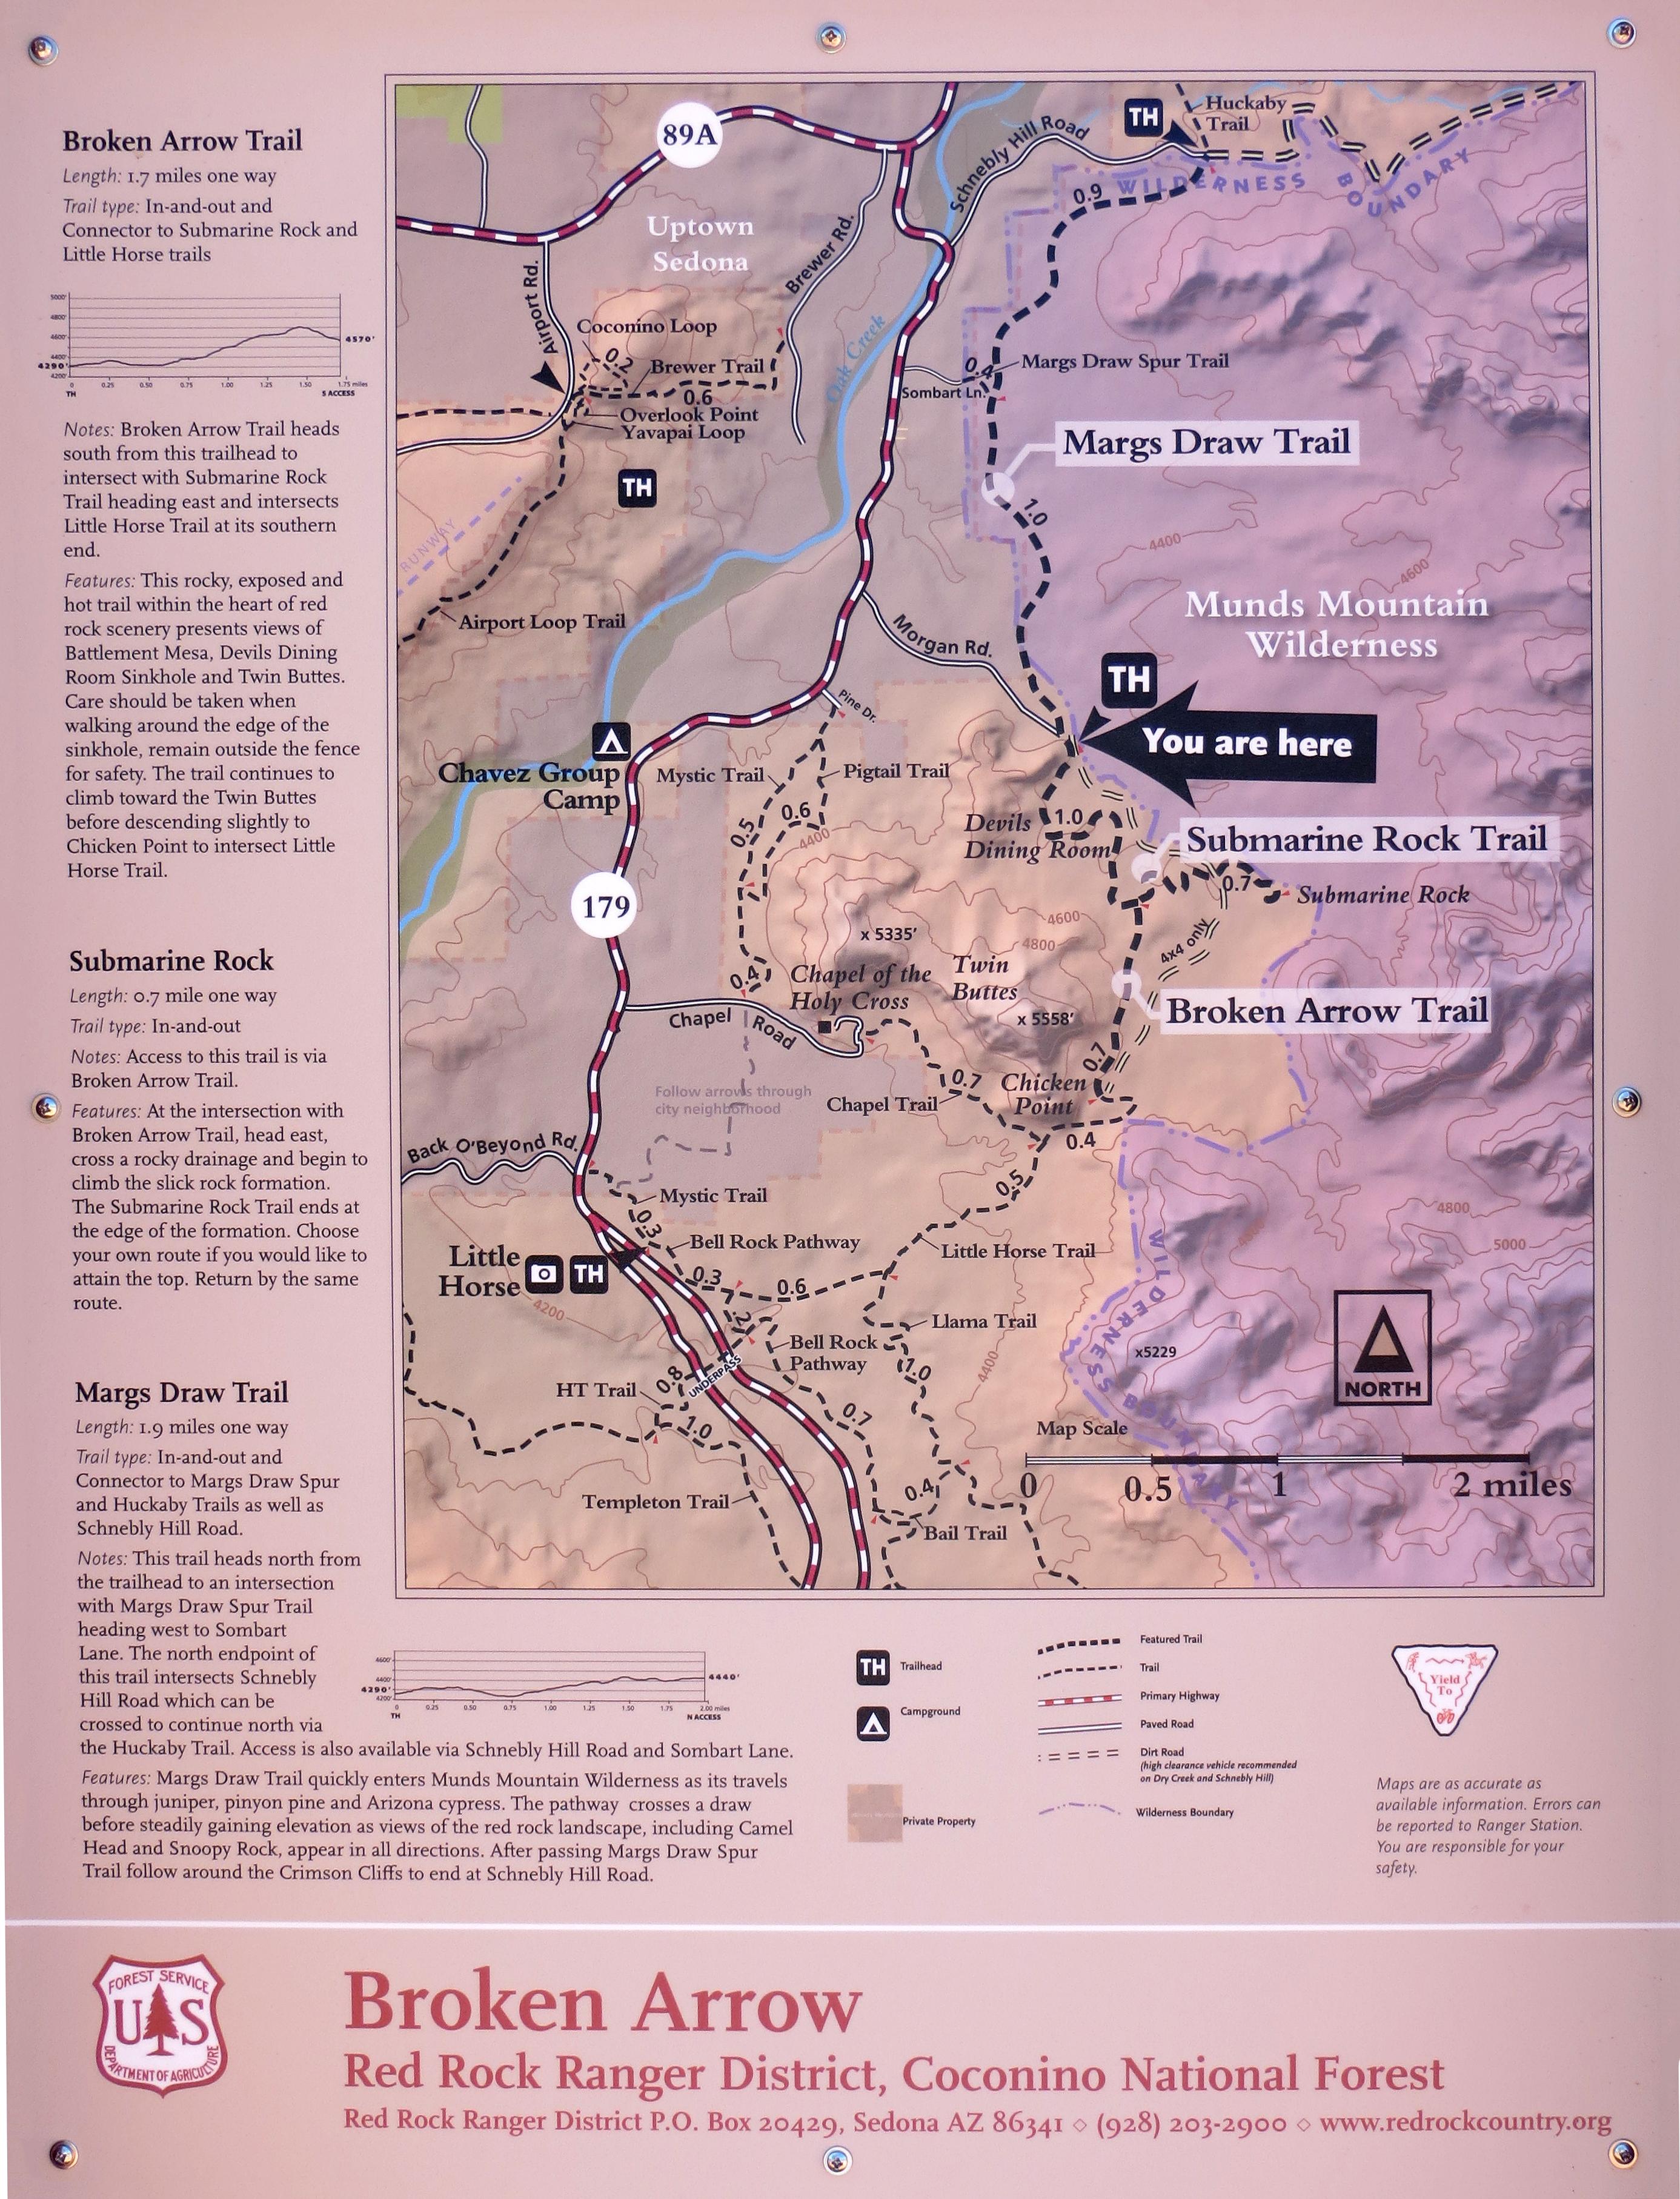 Broken Arrow Trail Map